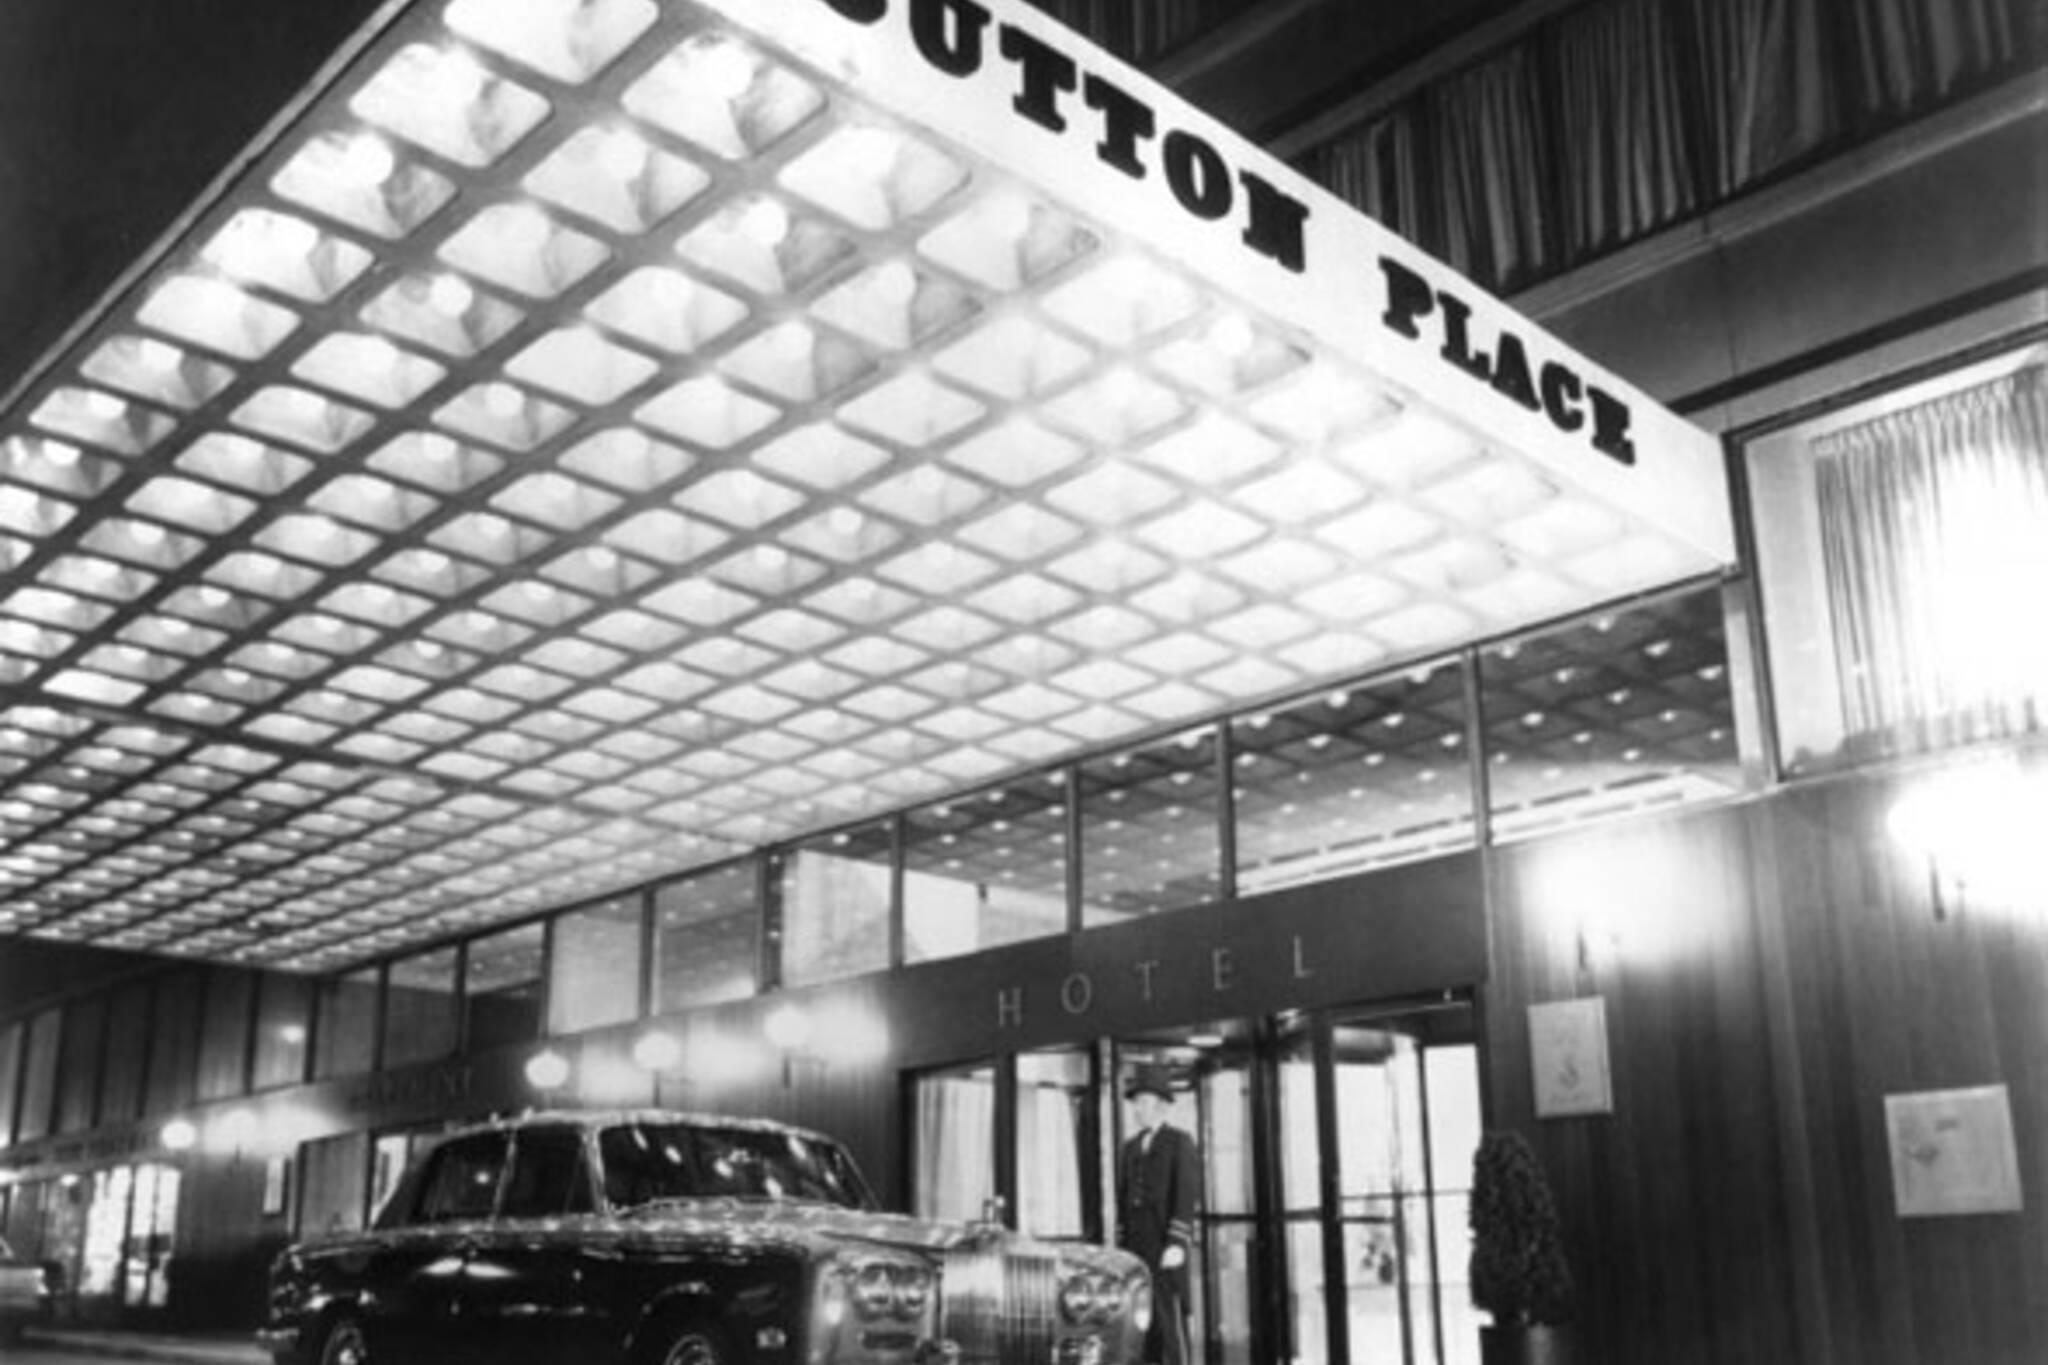 Sutton Hotel